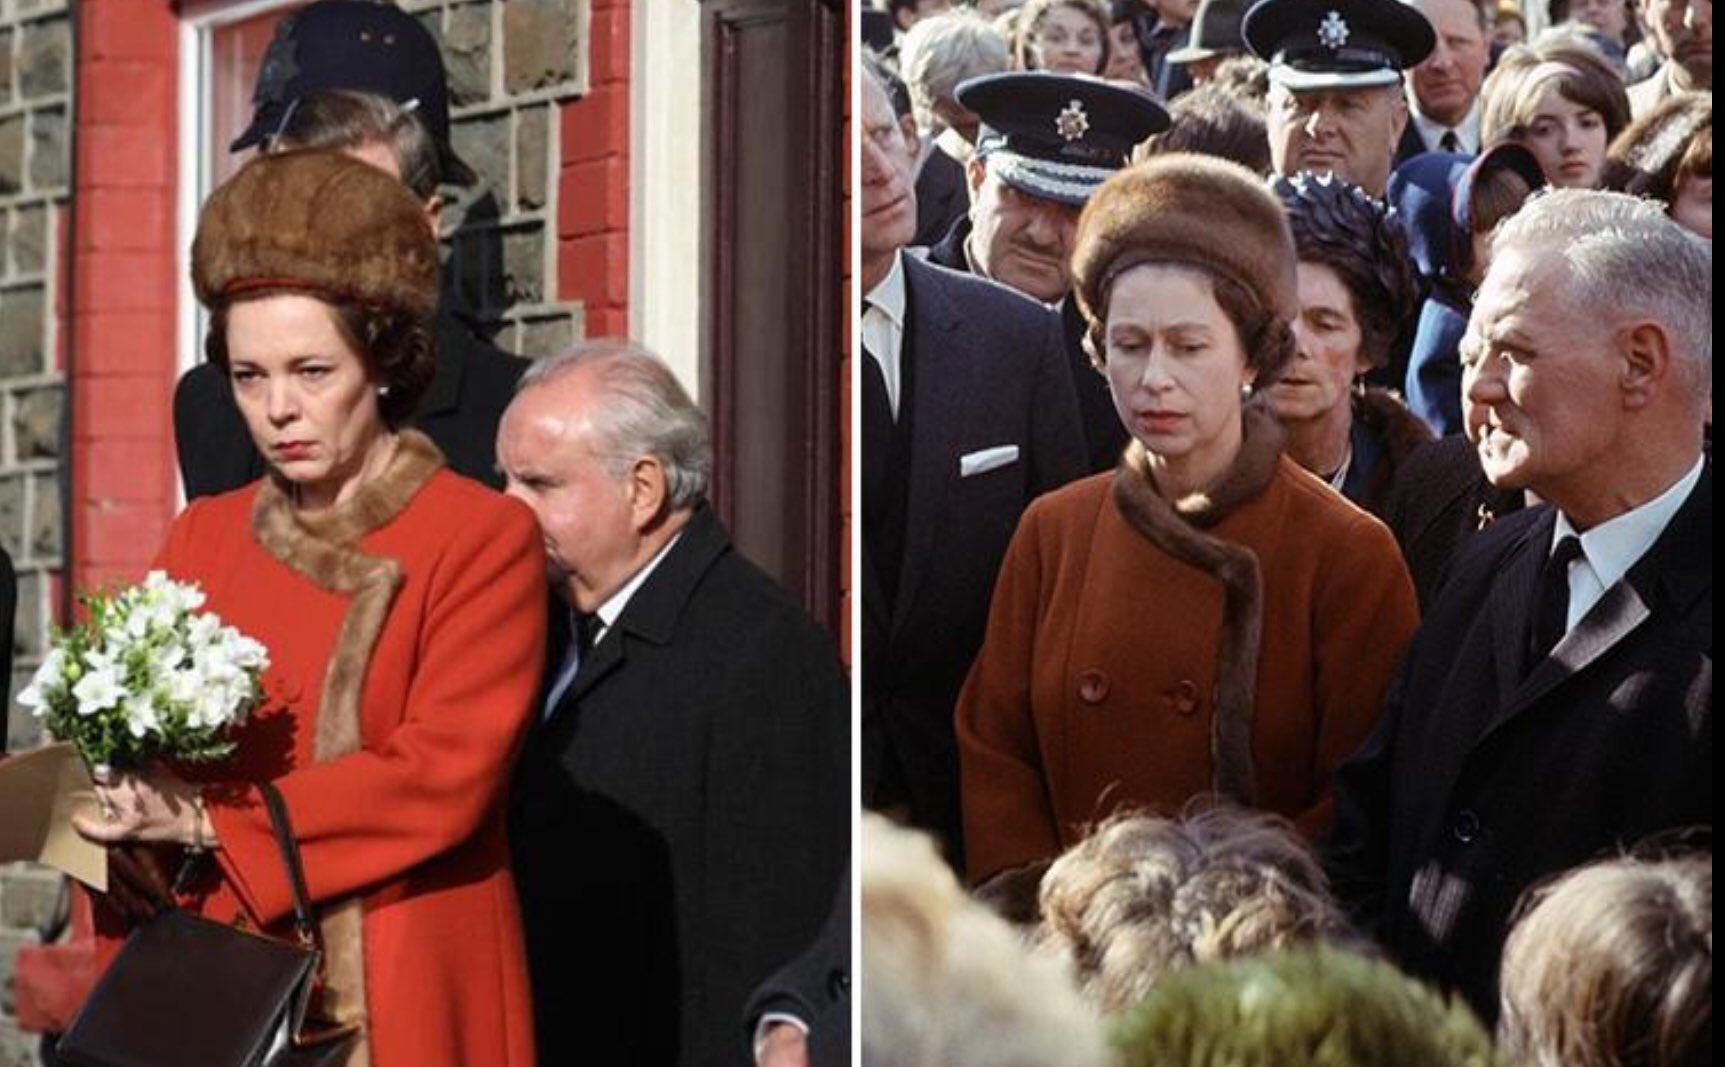 Η Ολίβια Κόλμαν αναπαριστά πιστά την βασίλισσα Ελισάβετ κατά την επίσκεψή της στο Aberfan